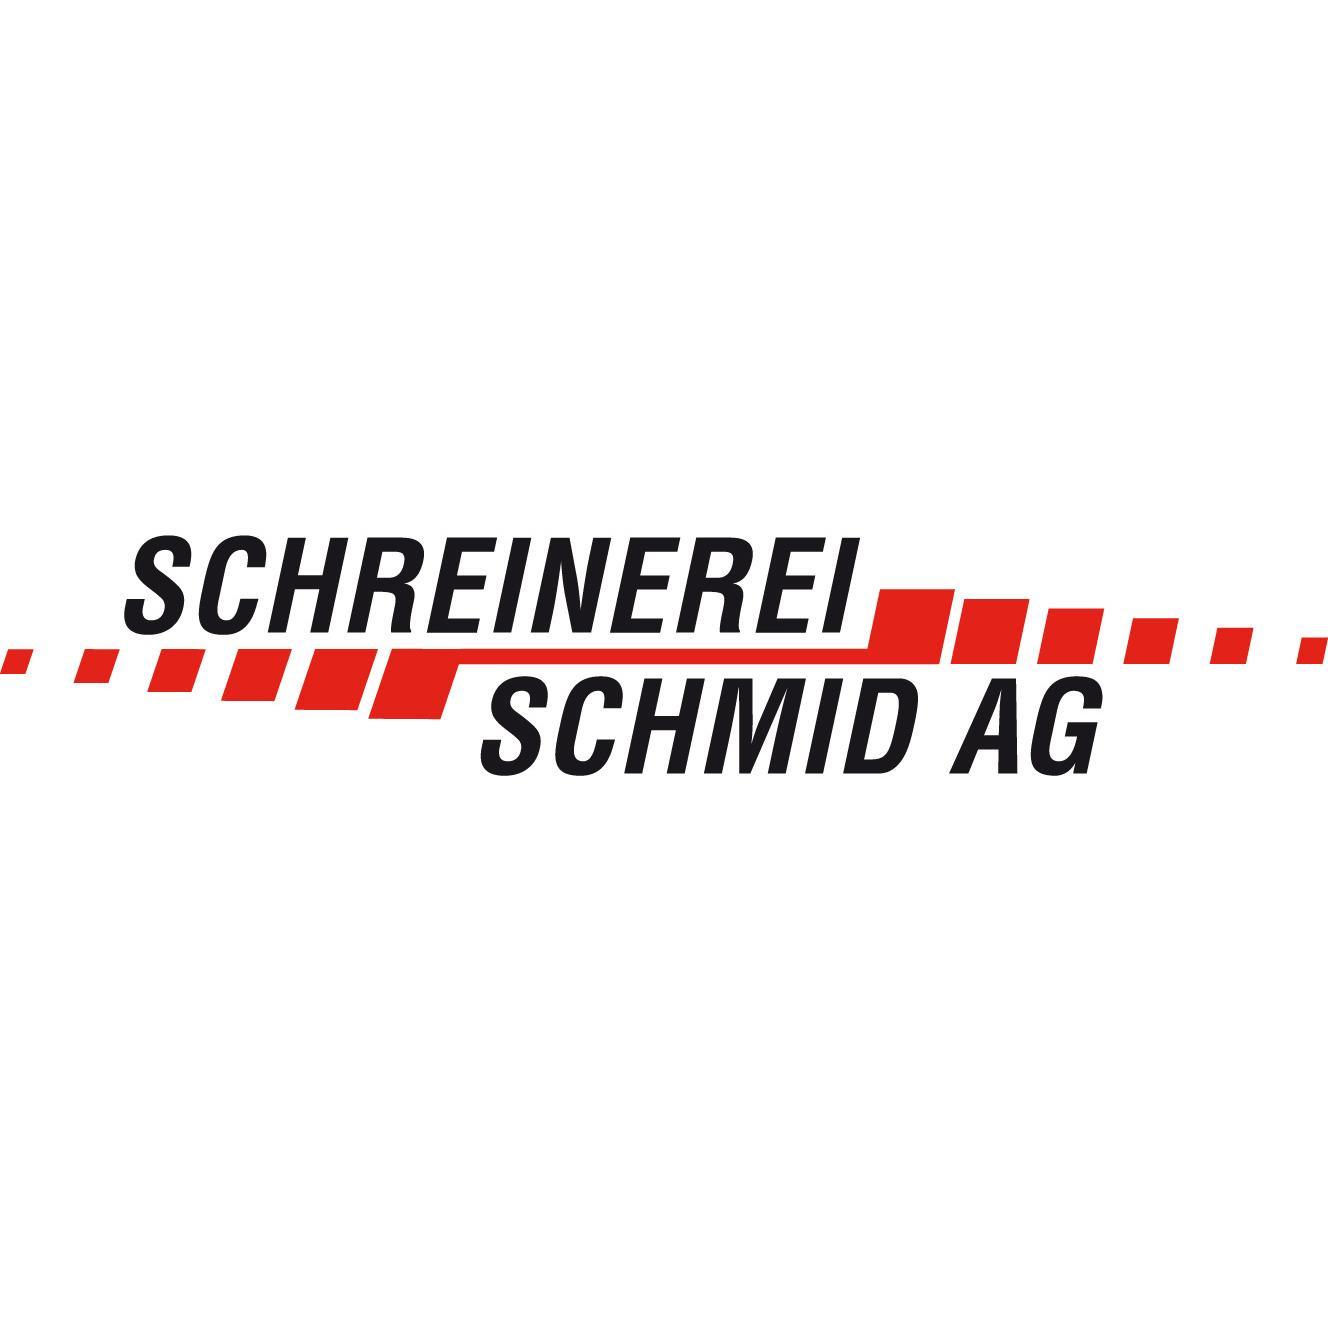 Schreinerei Schmid AG